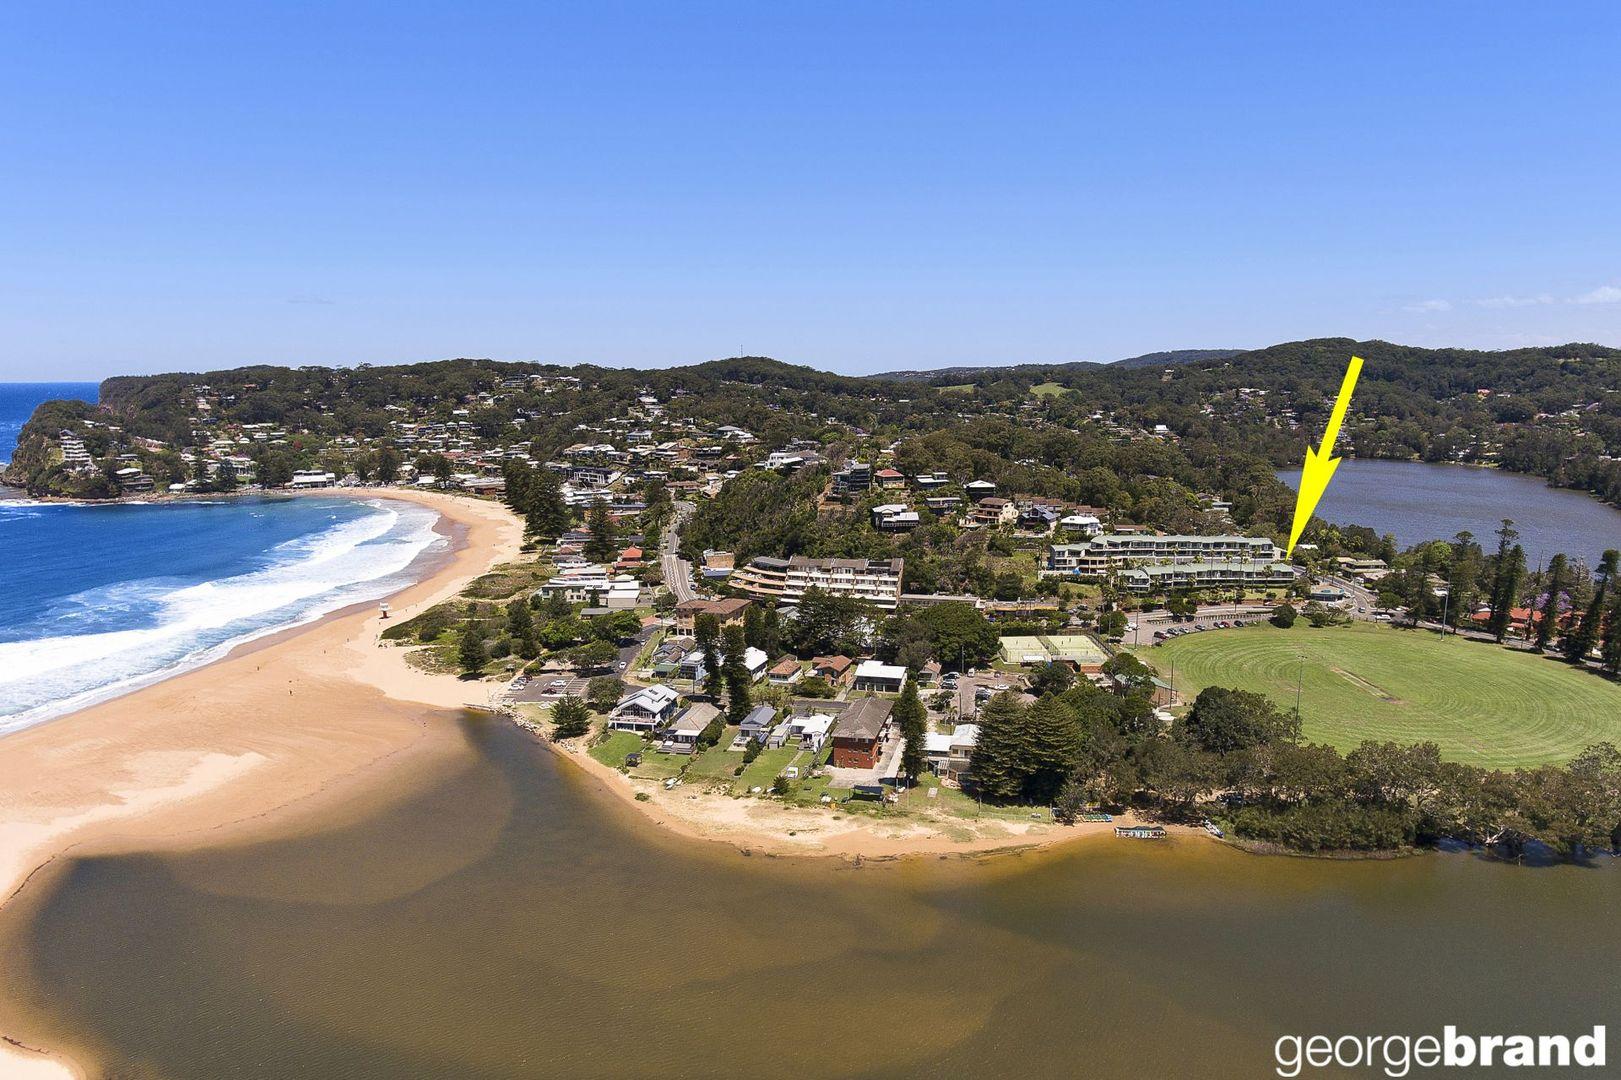 17/194 Avoca Drive, Avoca Beach NSW 2251, Image 0